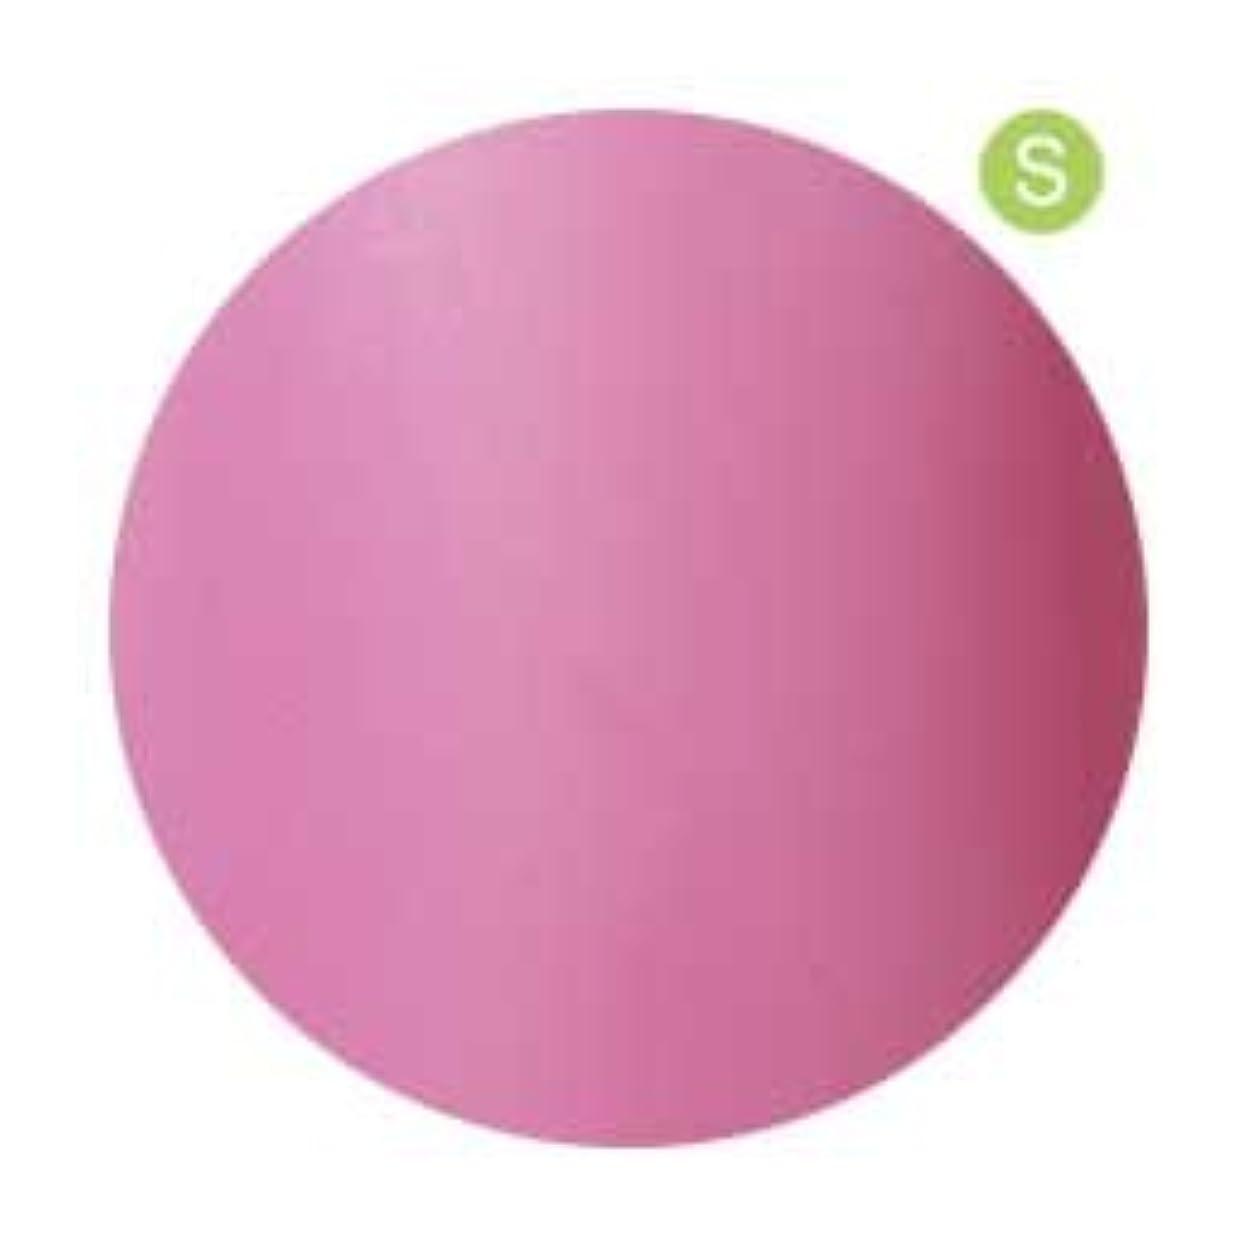 自動フィヨルド壊滅的なPalms Graceful カラージェル 3g 063 ポンパドールピンク